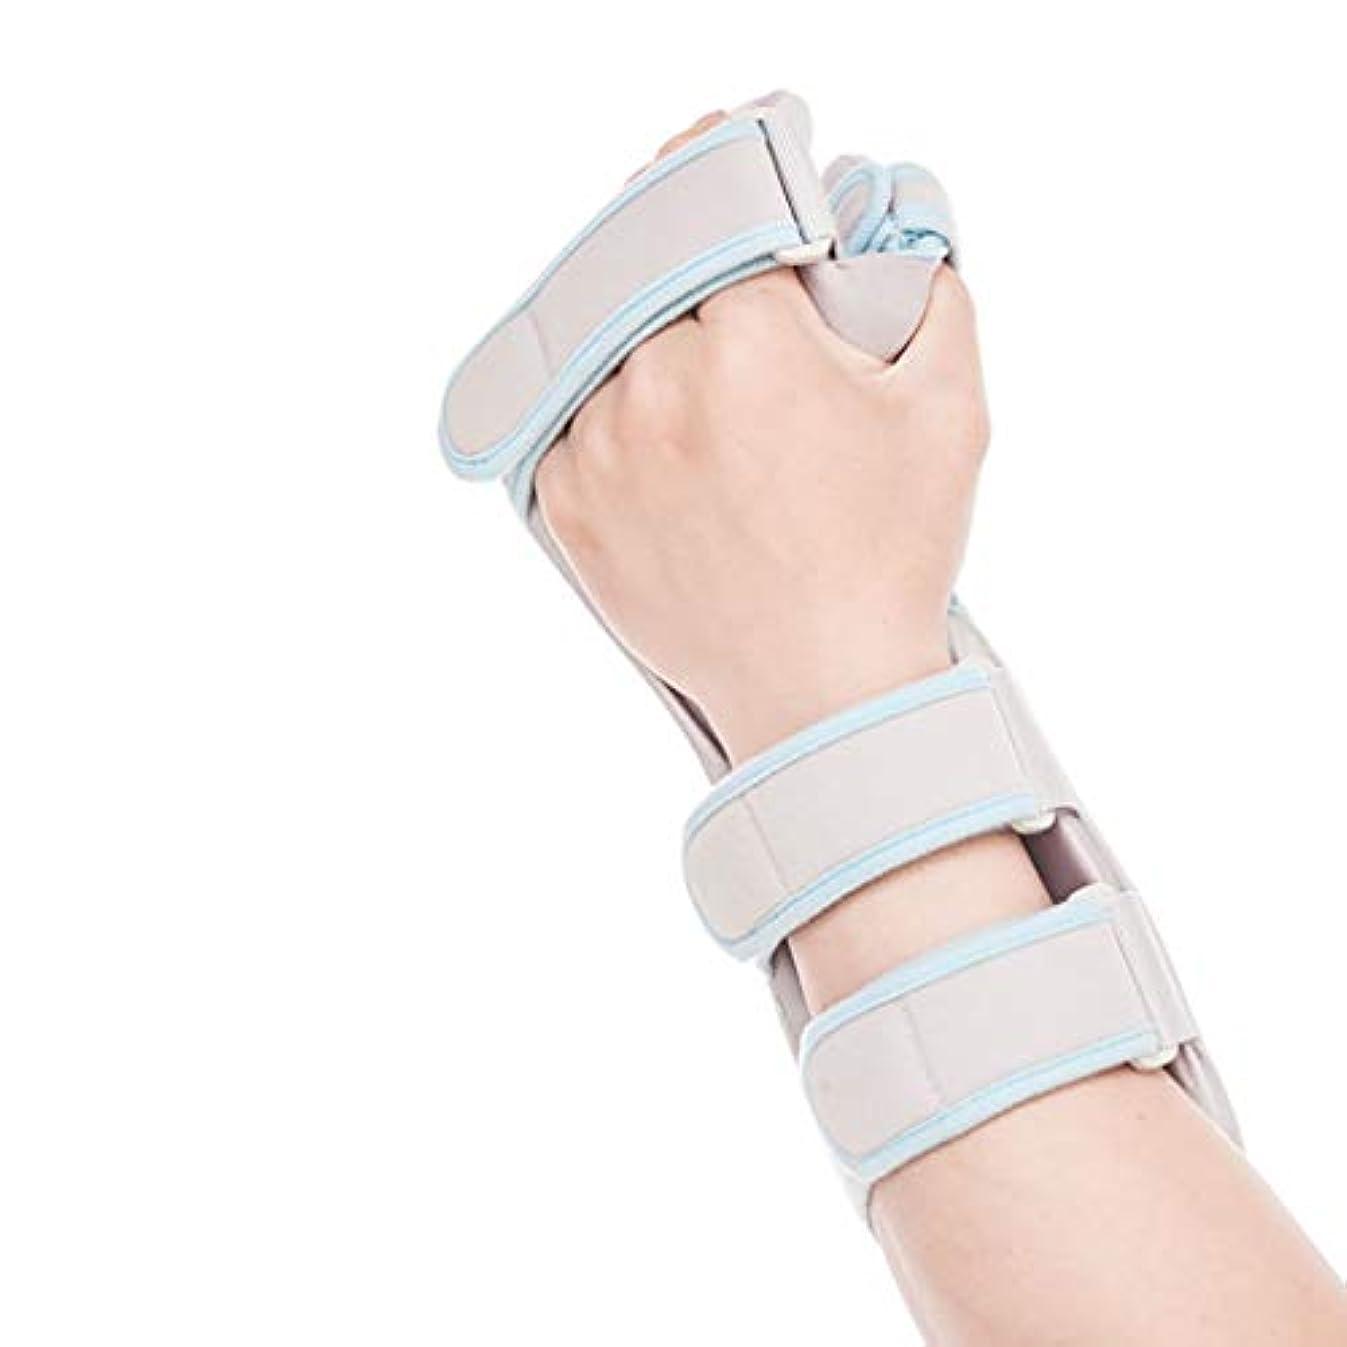 差別的ミントに頼る引き金用の指の延長副木指のマレット指の指のナックル固定指の骨折創傷術後のケアと痛みを軽減する指サポートトレーニングブレース,Lefthand